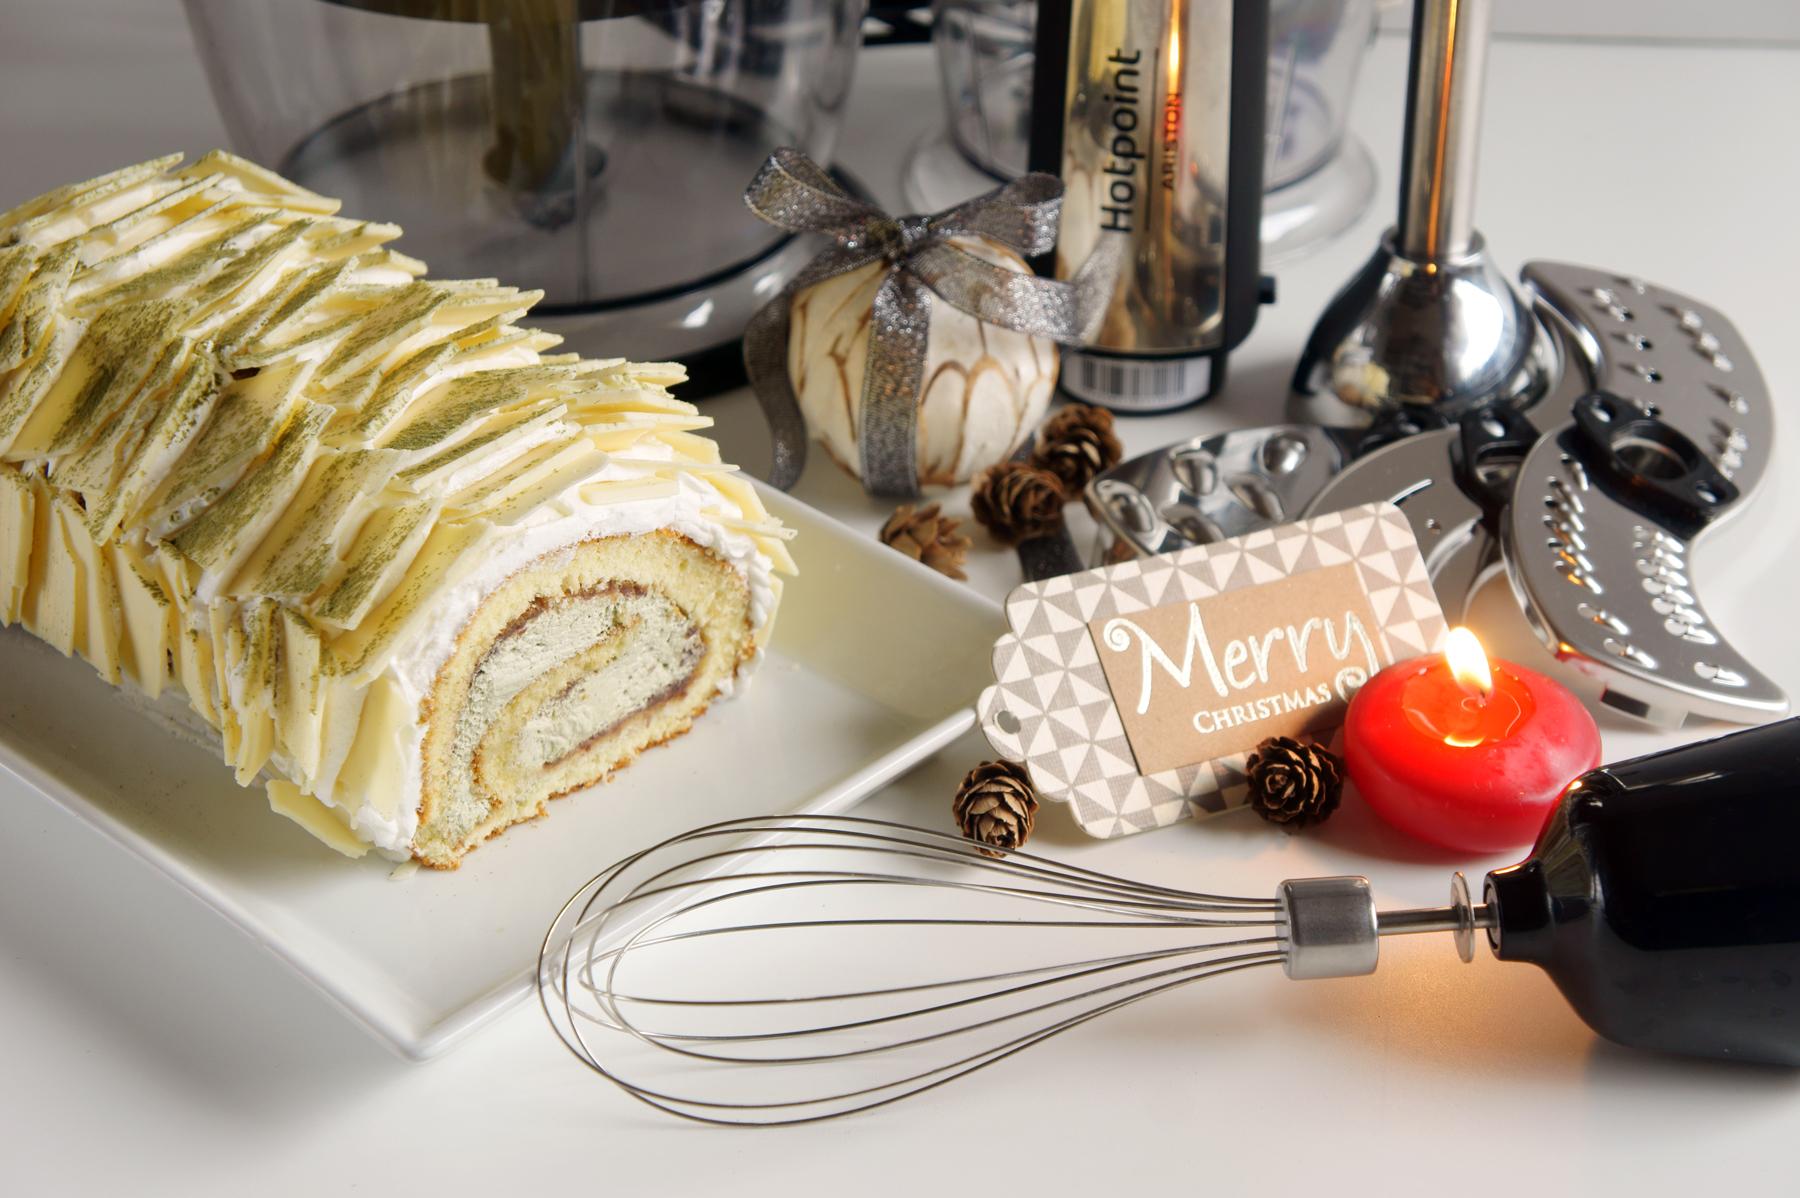 Tronchetto Bianco Di Natale.Tronchetto Di Natale Al The Matcha Con Scaglie Di Cioccolato Bianco